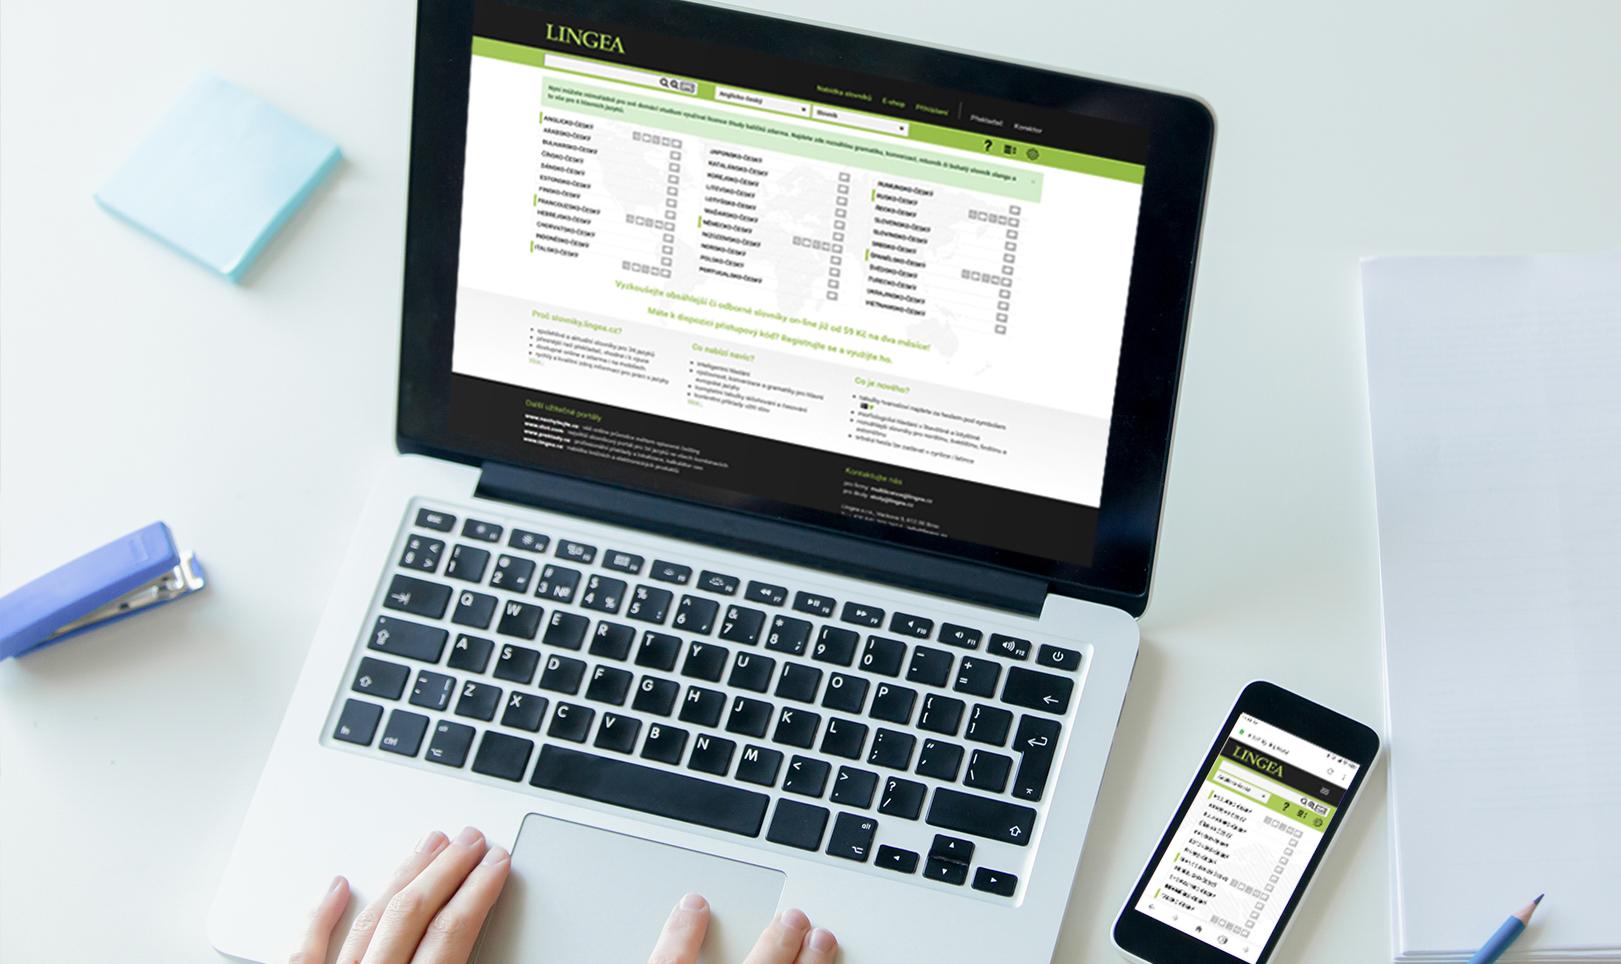 pocitac-mobil-slovniky-lingea-offline-online.jpg (785 KB)